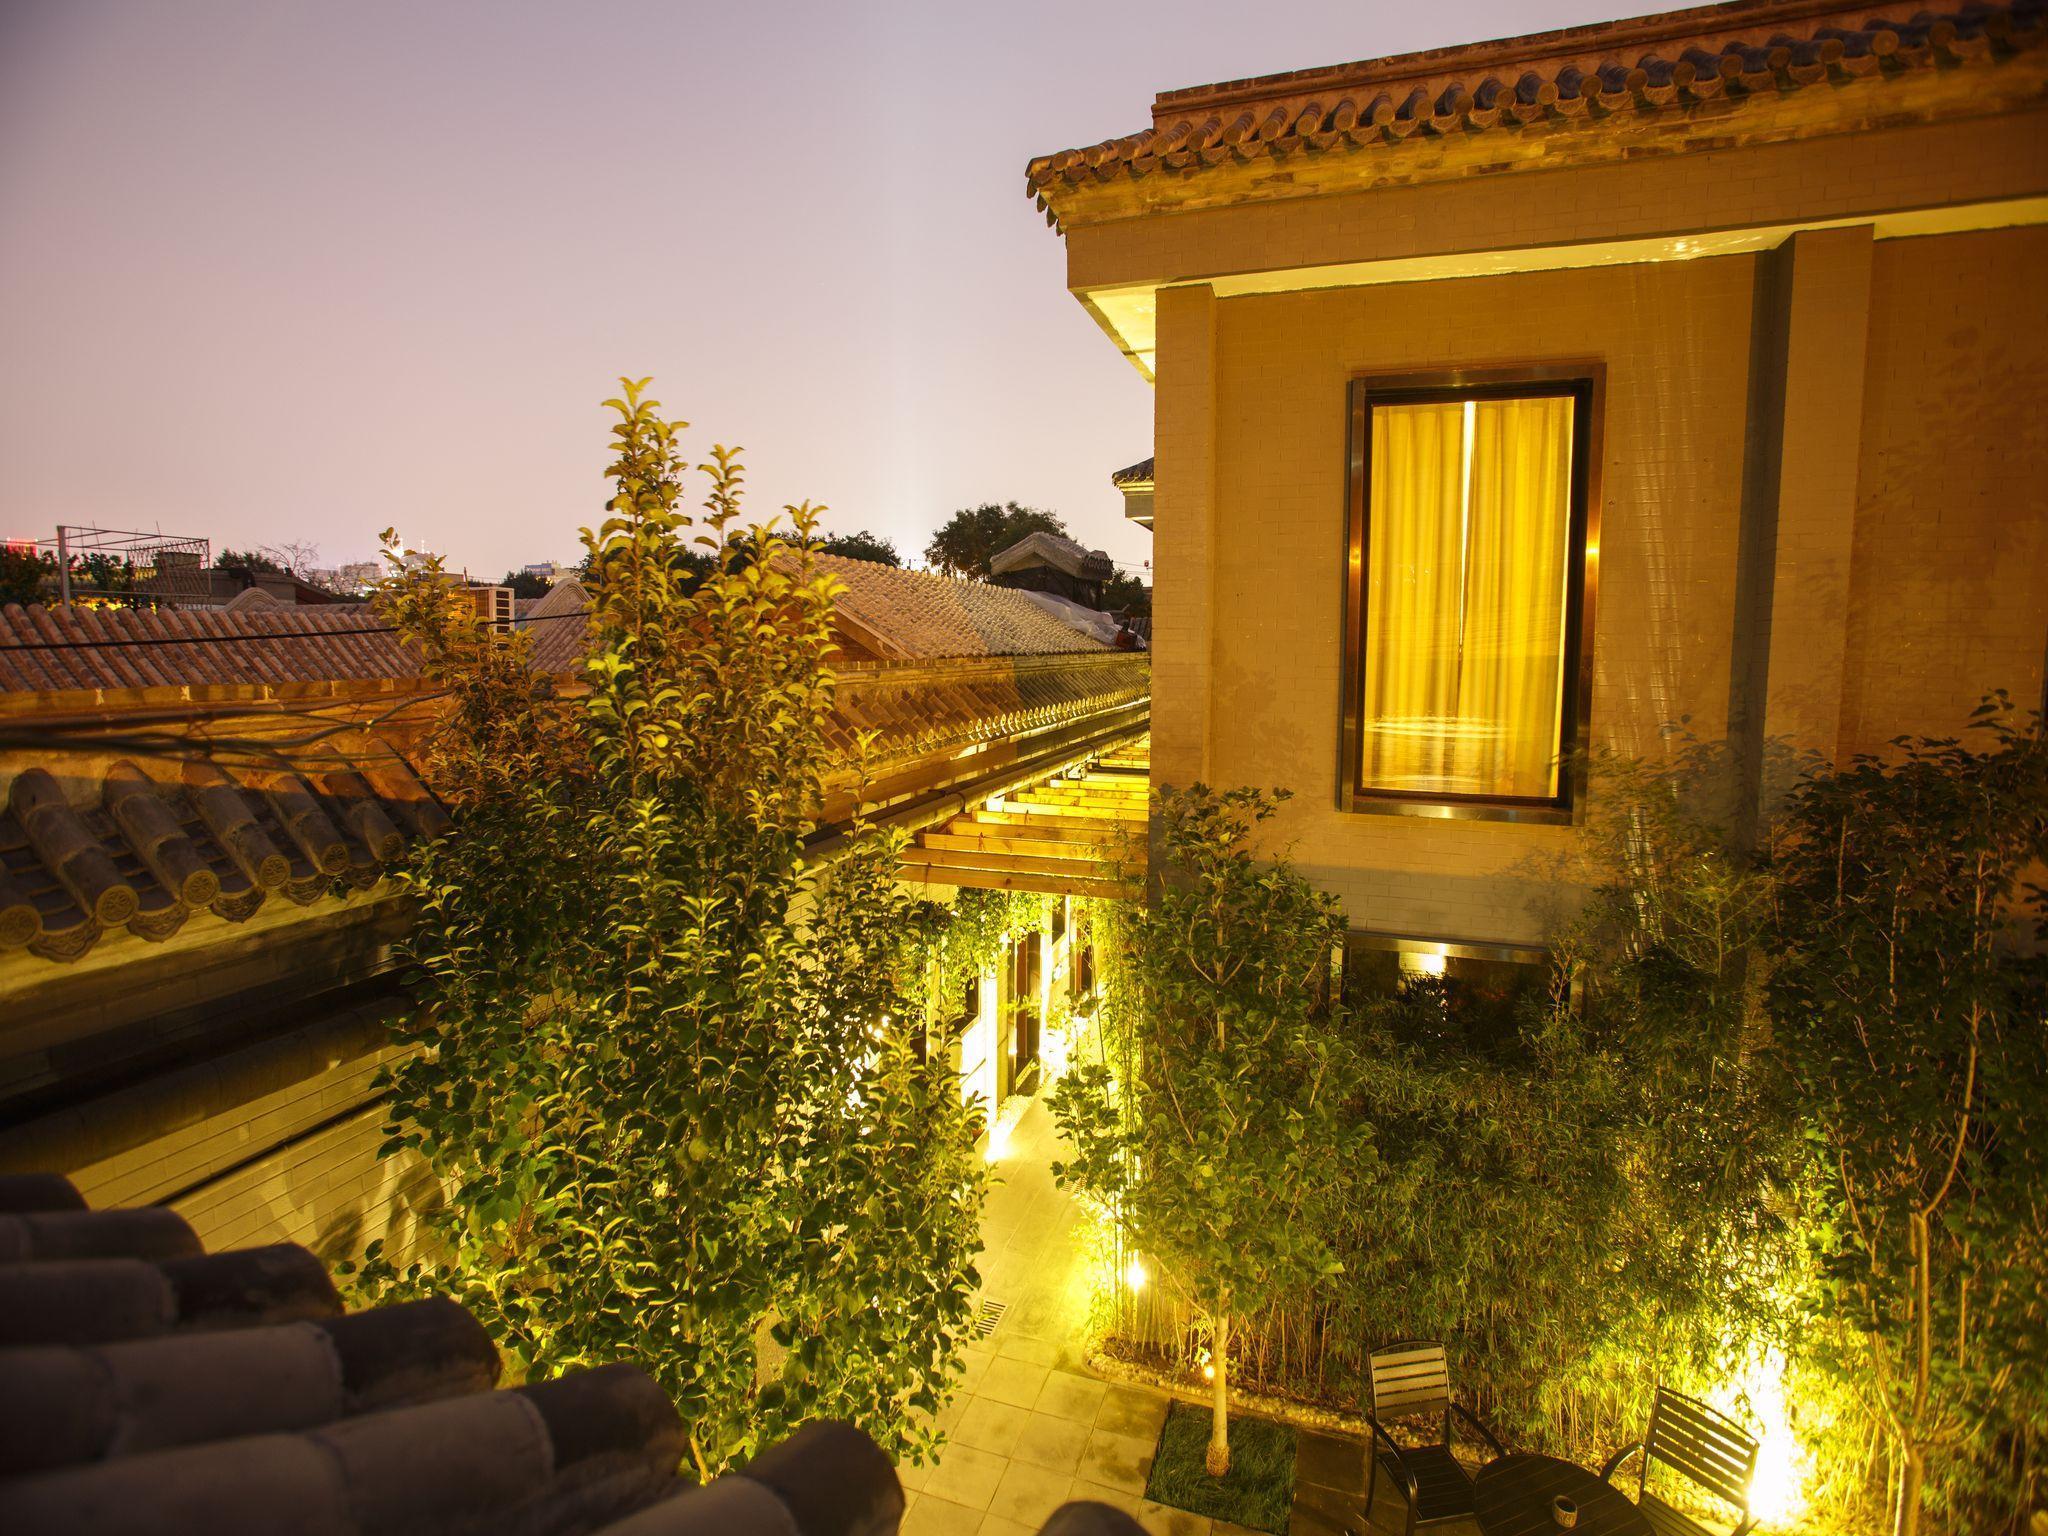 Beijing 161 Wangfujing Courtyard Hotel